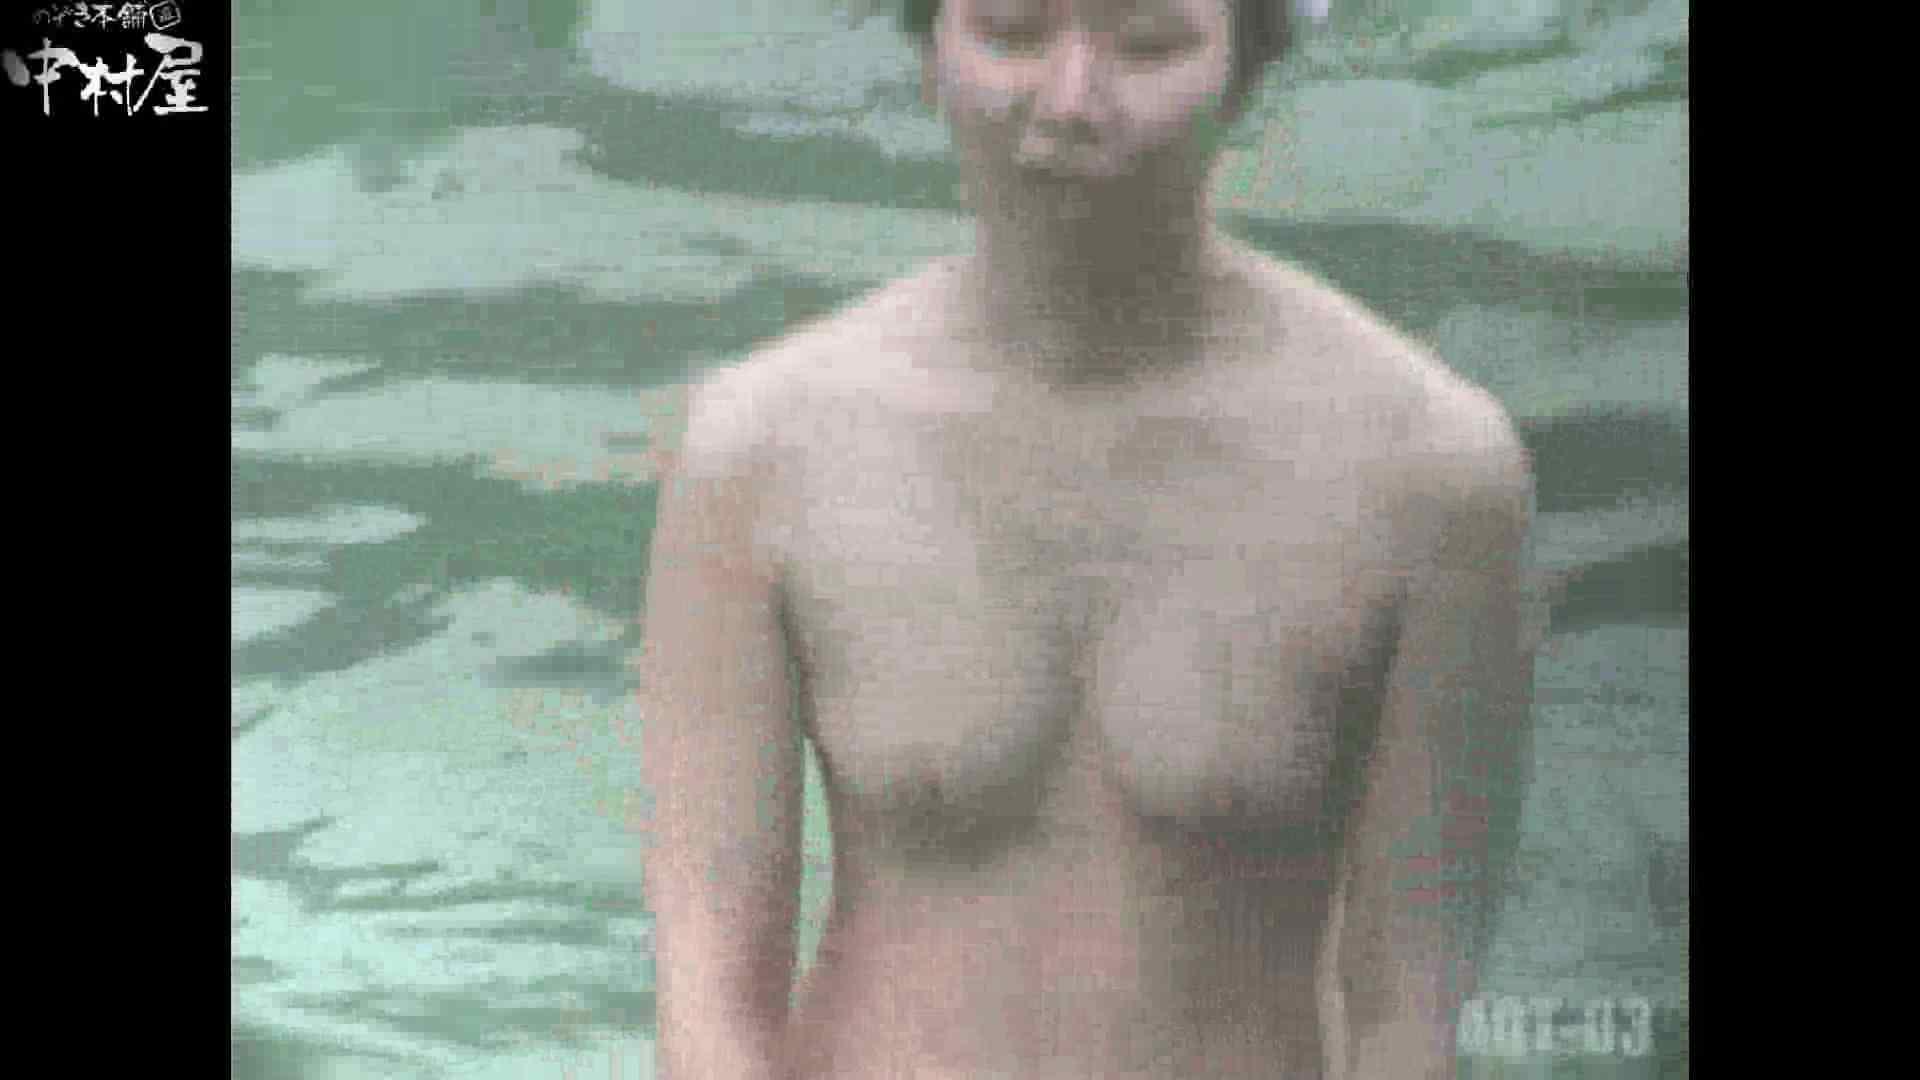 Aquaな露天風呂Vol.867潜入盗撮露天風呂参判湯 其の五 0   0  58pic 3